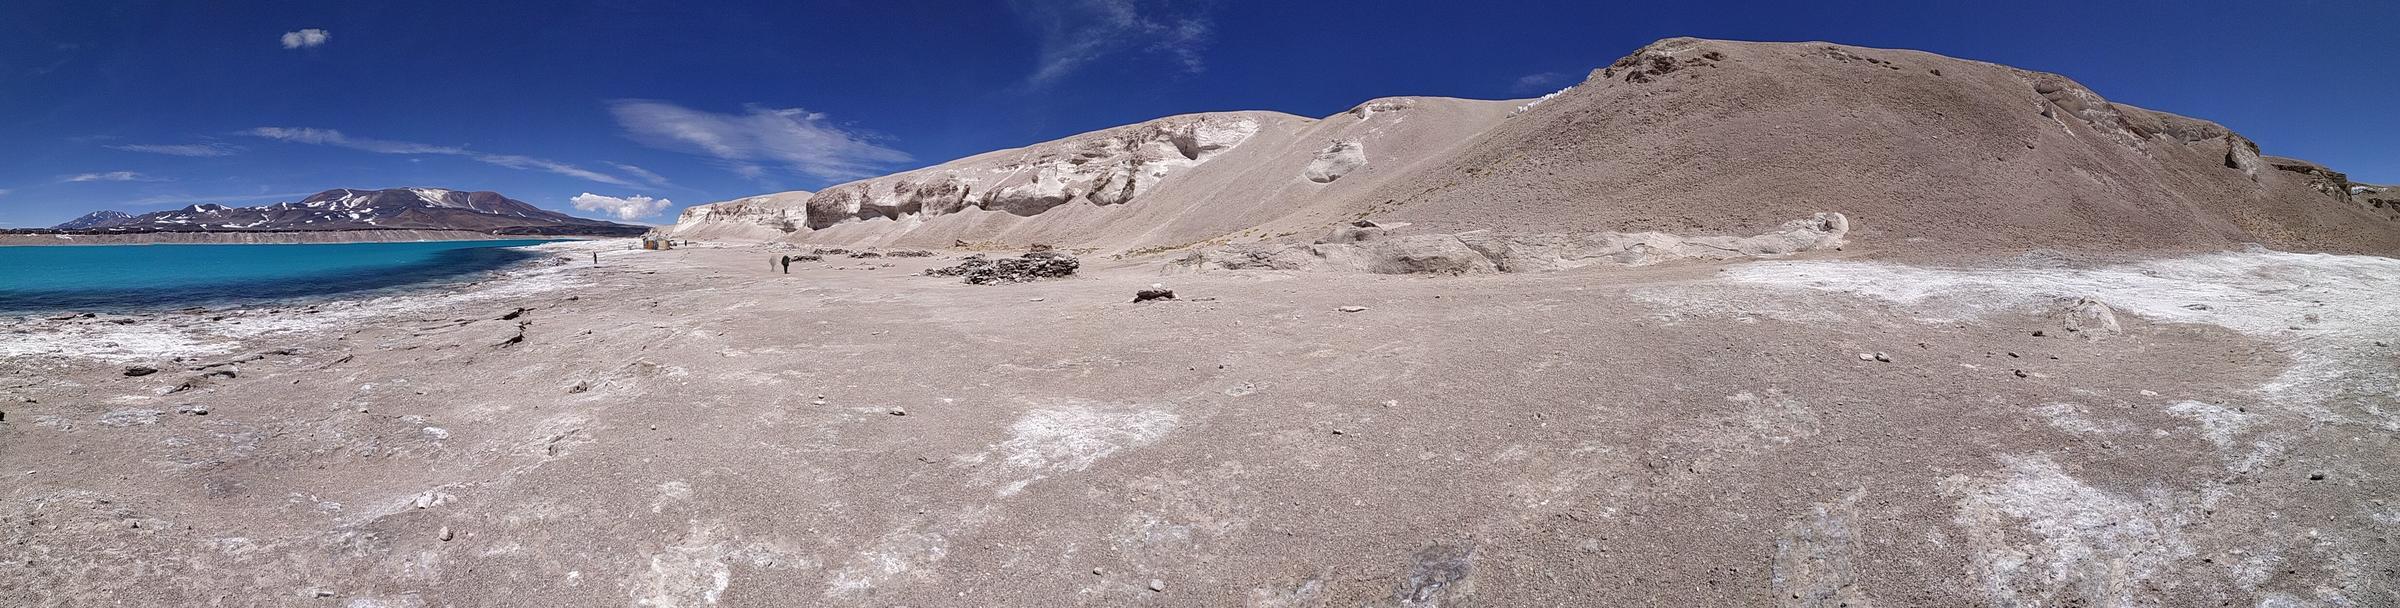 20181026_Copiapo_Atacama_Tres_Cruces_58.